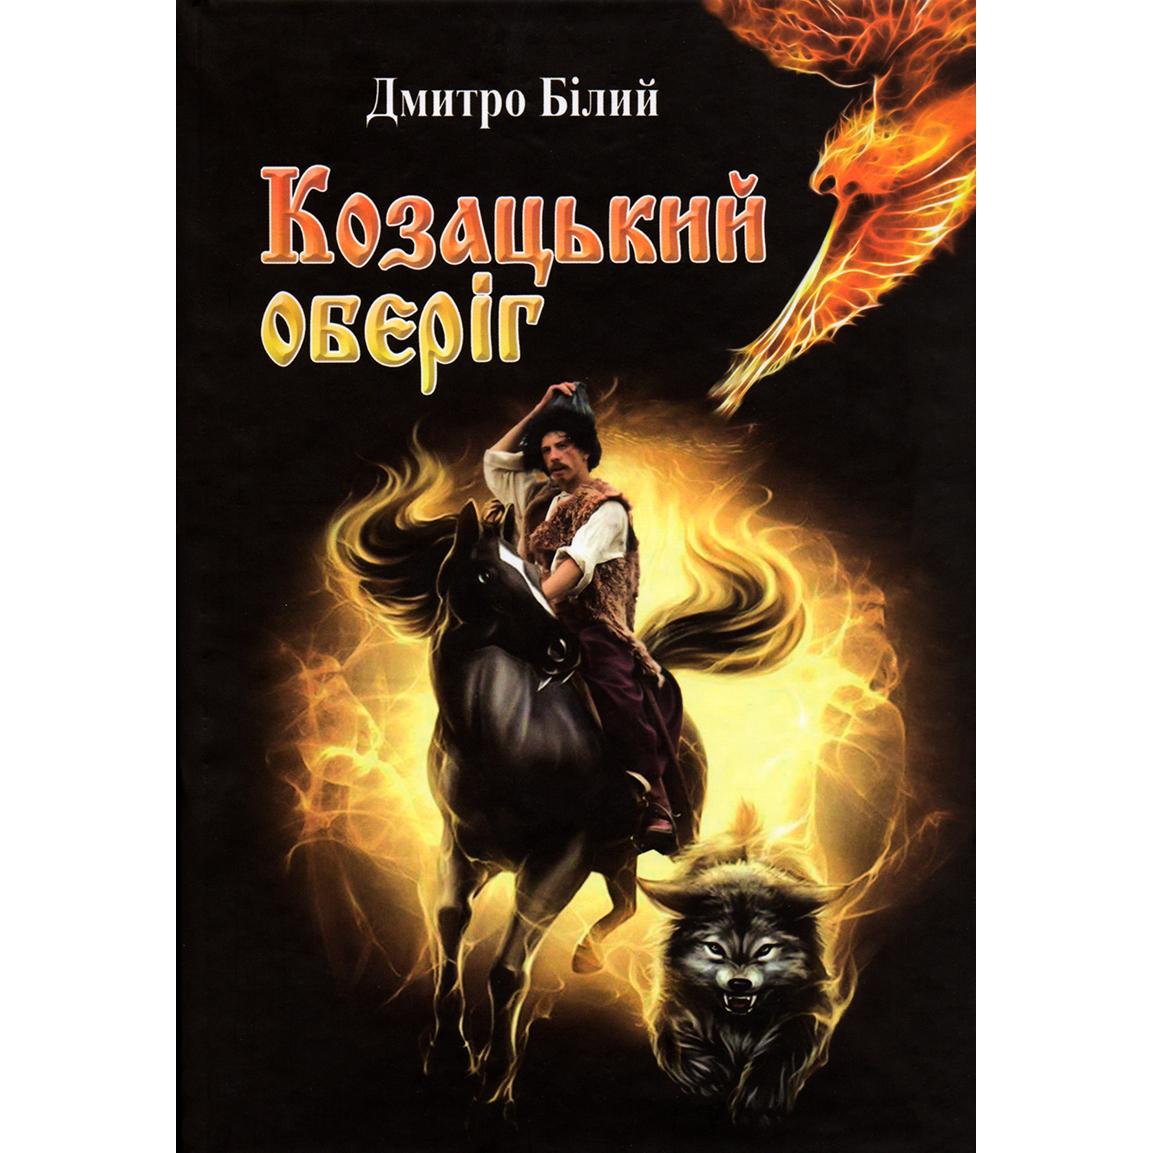 Купити дитячу книгу Козацький оберіг, Дмитро Білий | Bukio